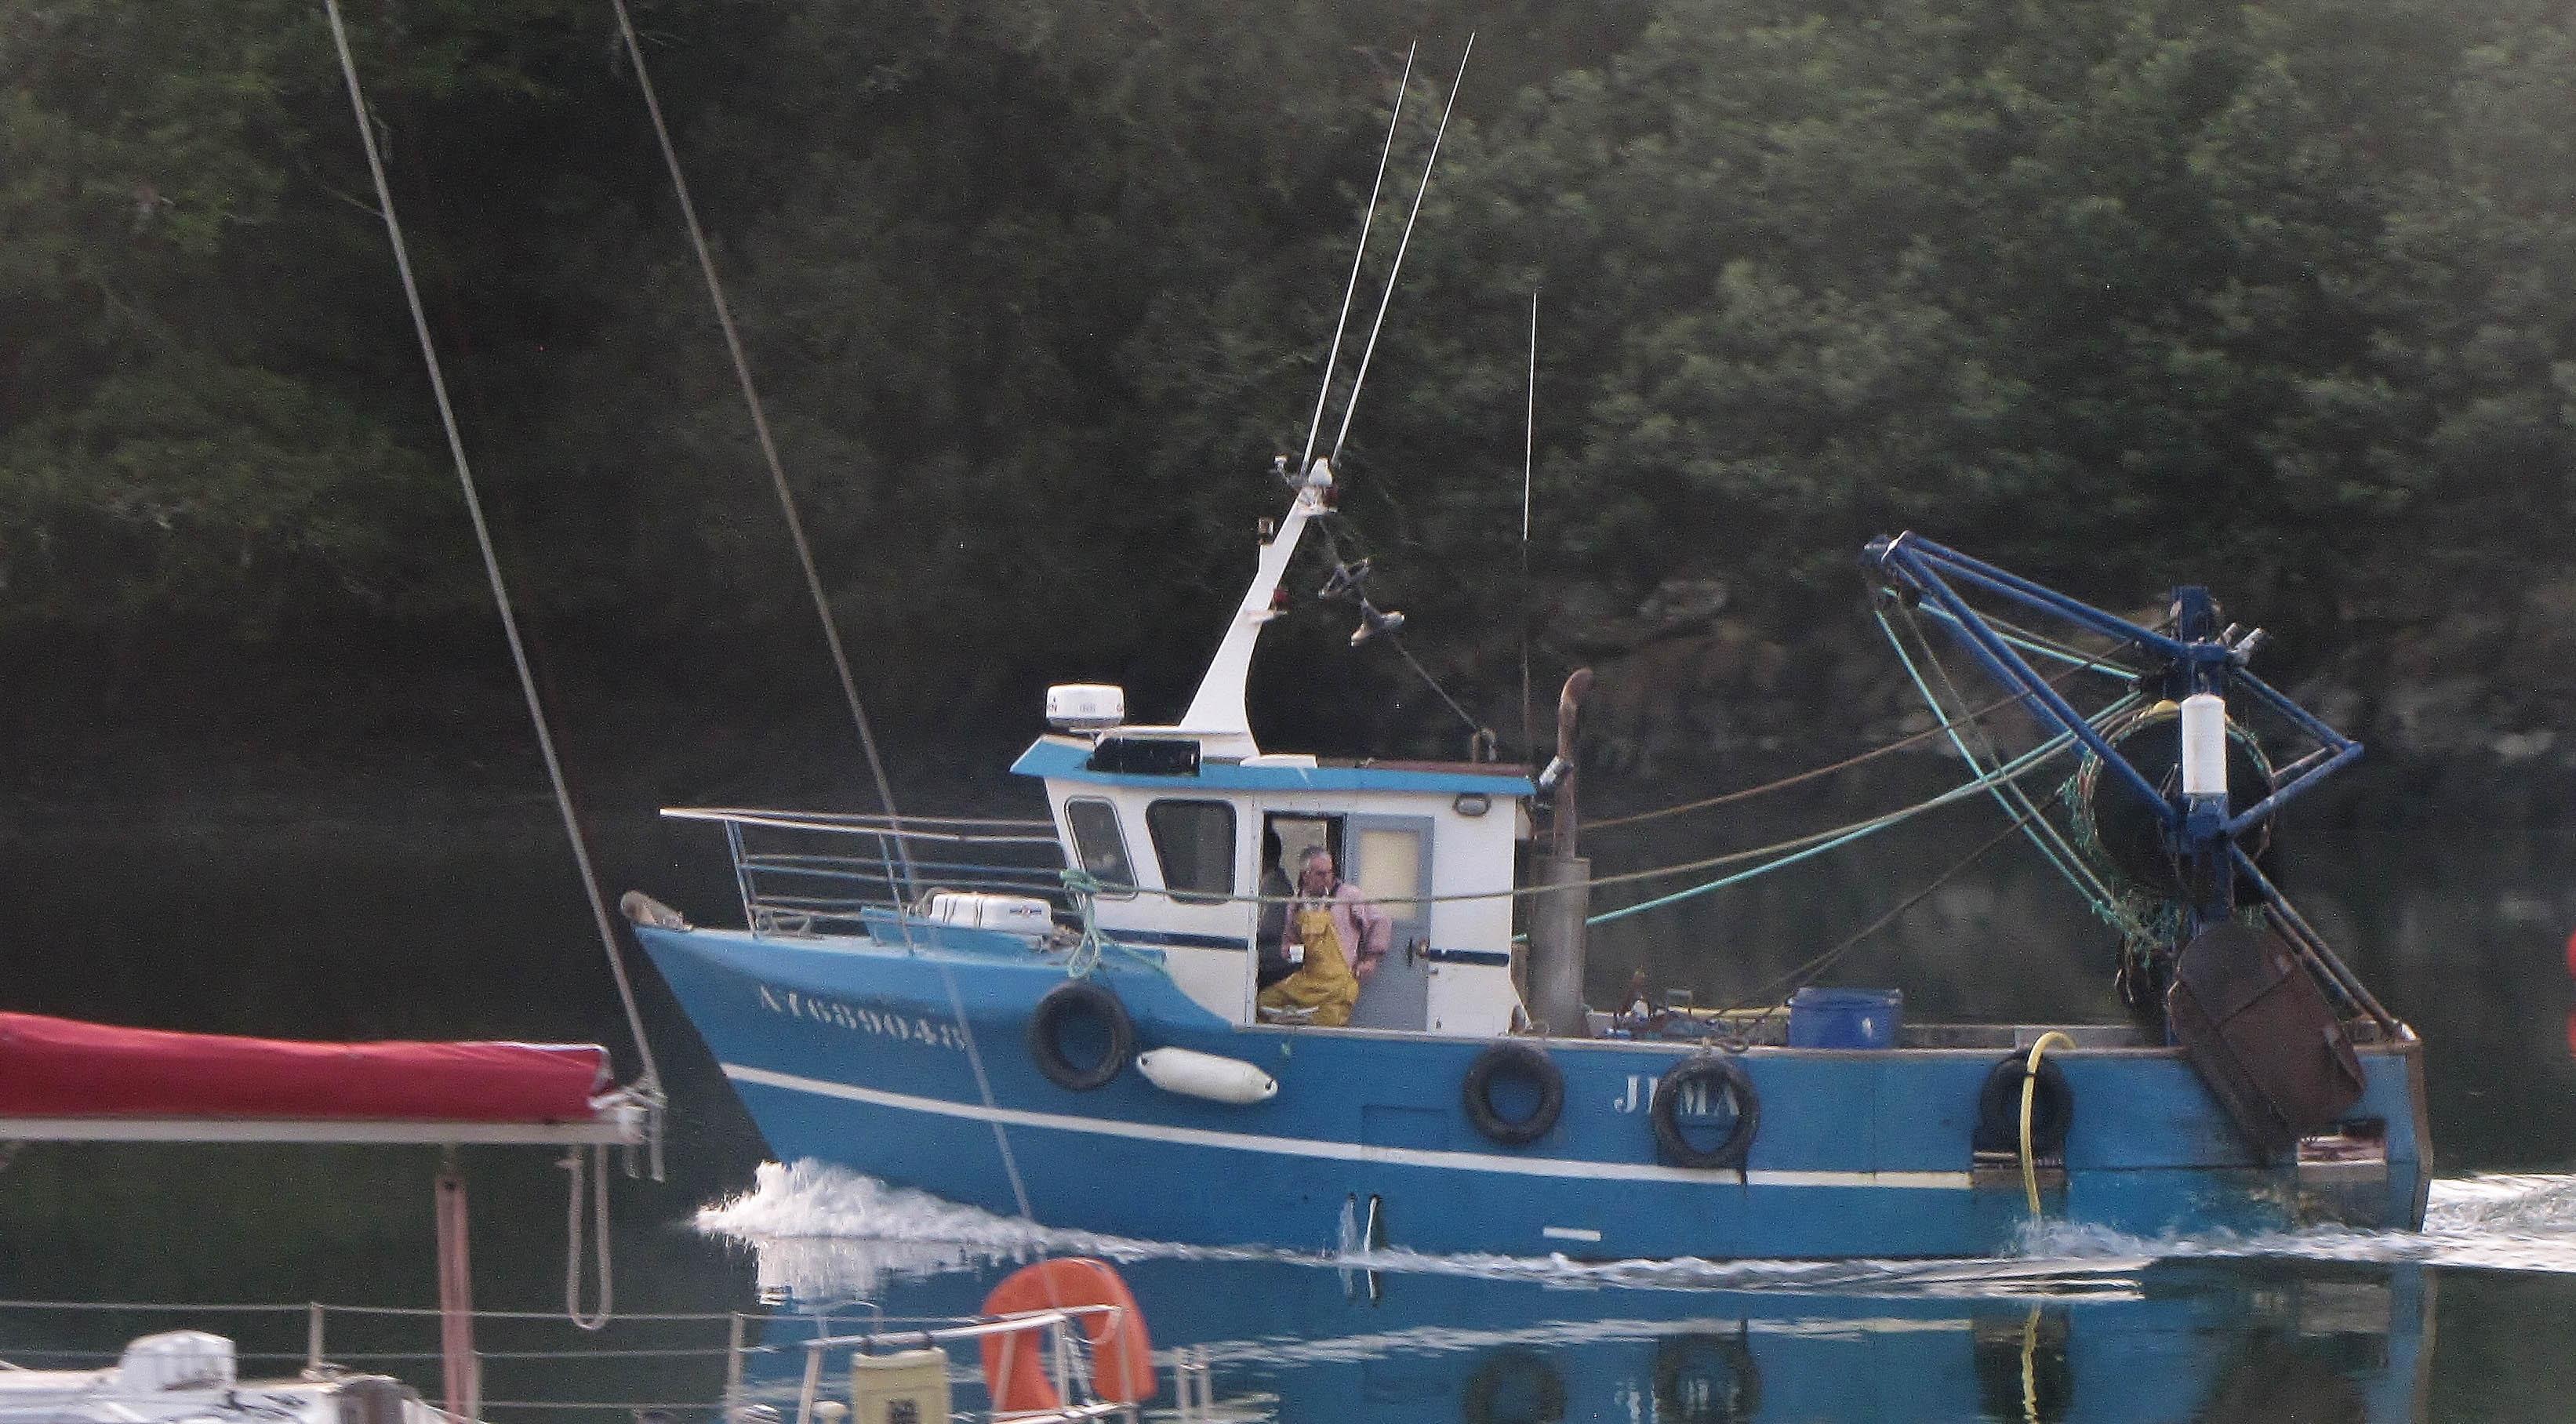 départ de pêche 2, rivière d'auray, 26 oct 17, 17h40 (1 sur 1).jpg